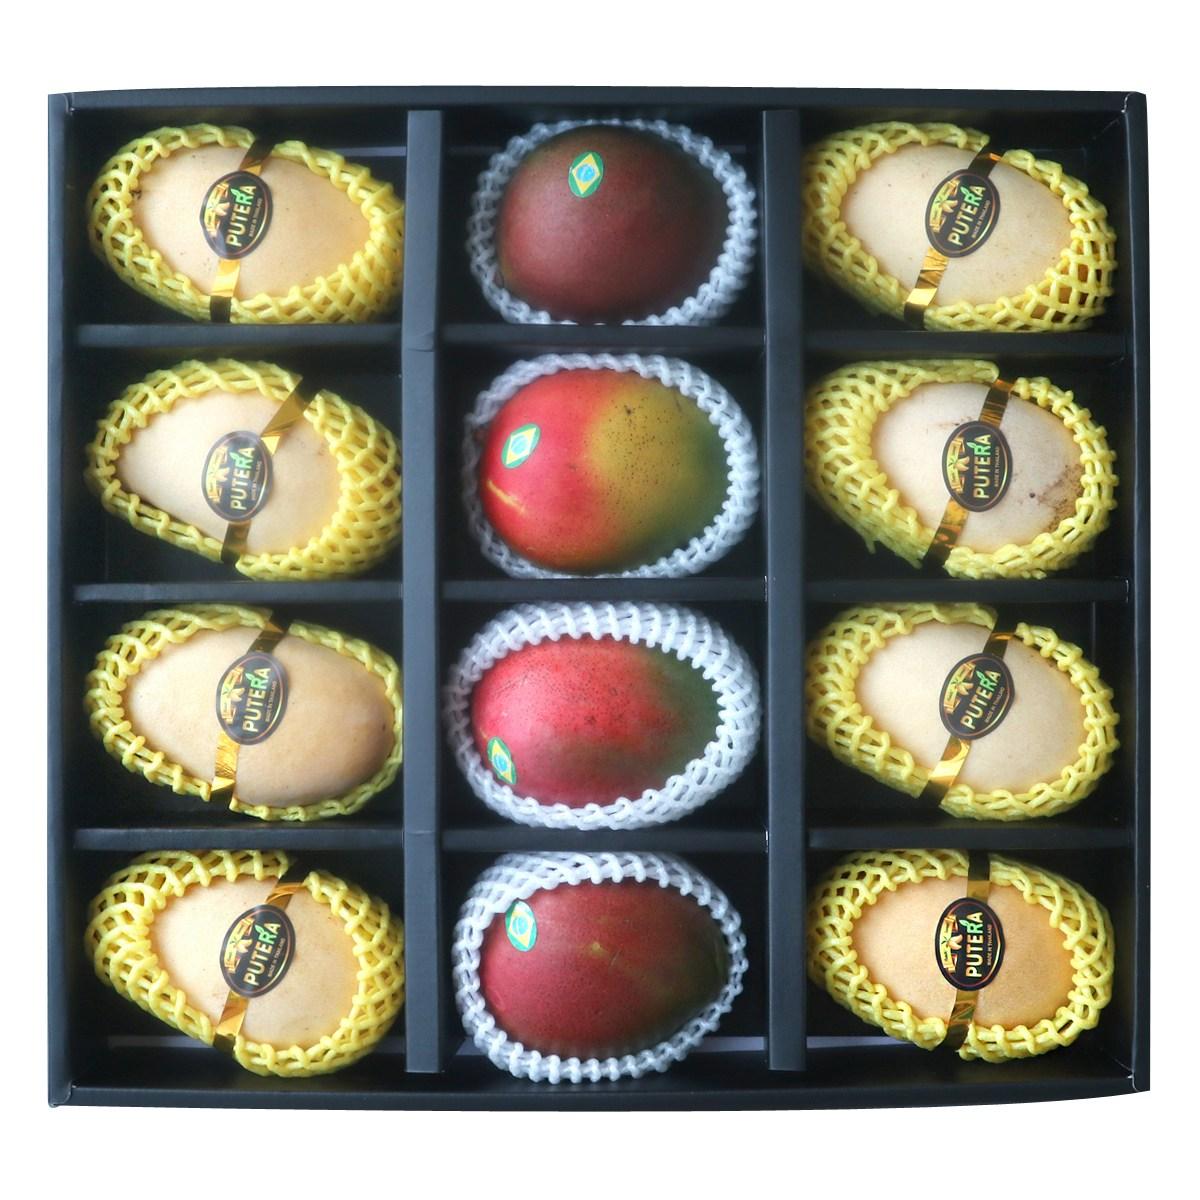 애플망고 선물세트 4kg / 6과 /9과 12과/태국망고혼합, 5. 혼합12과 (애플4 태국8)  3.8kg 선물세트